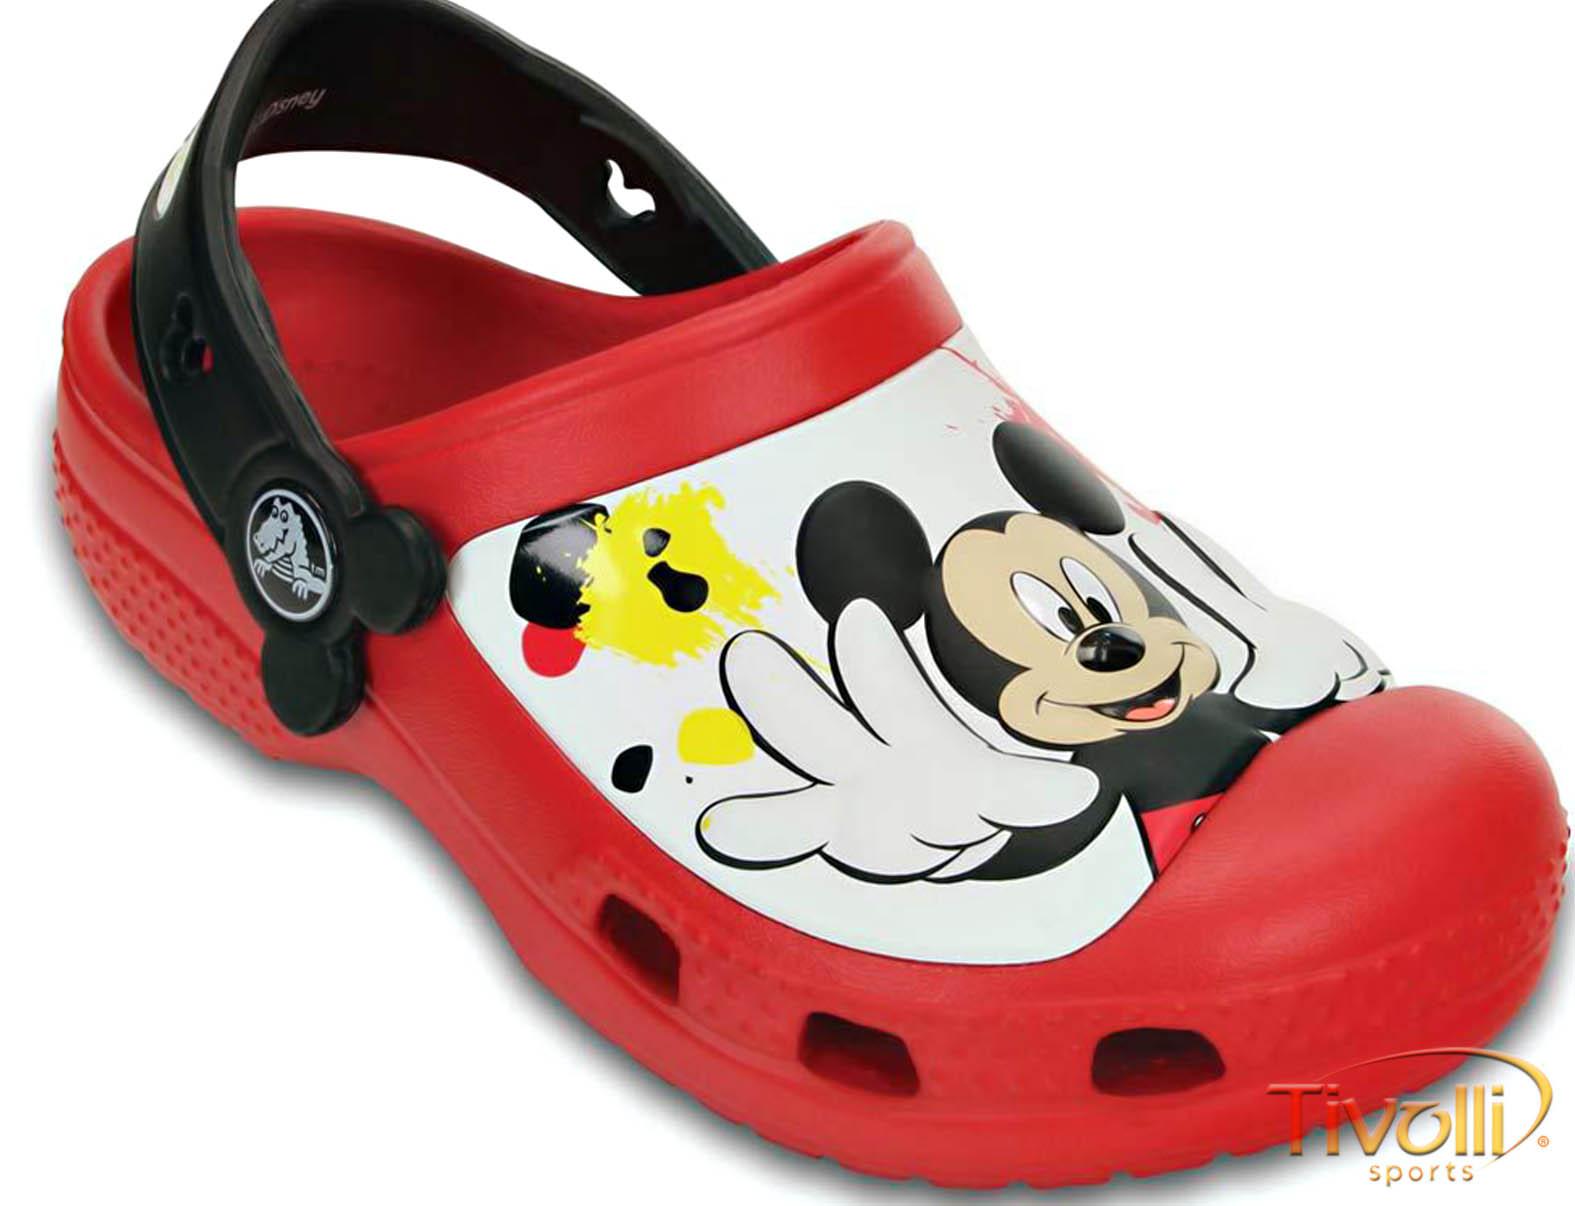 Sandália Crocs Mickey Mouse CCM Infantil   Vermelha, Branca e Preta   8cc46813a9